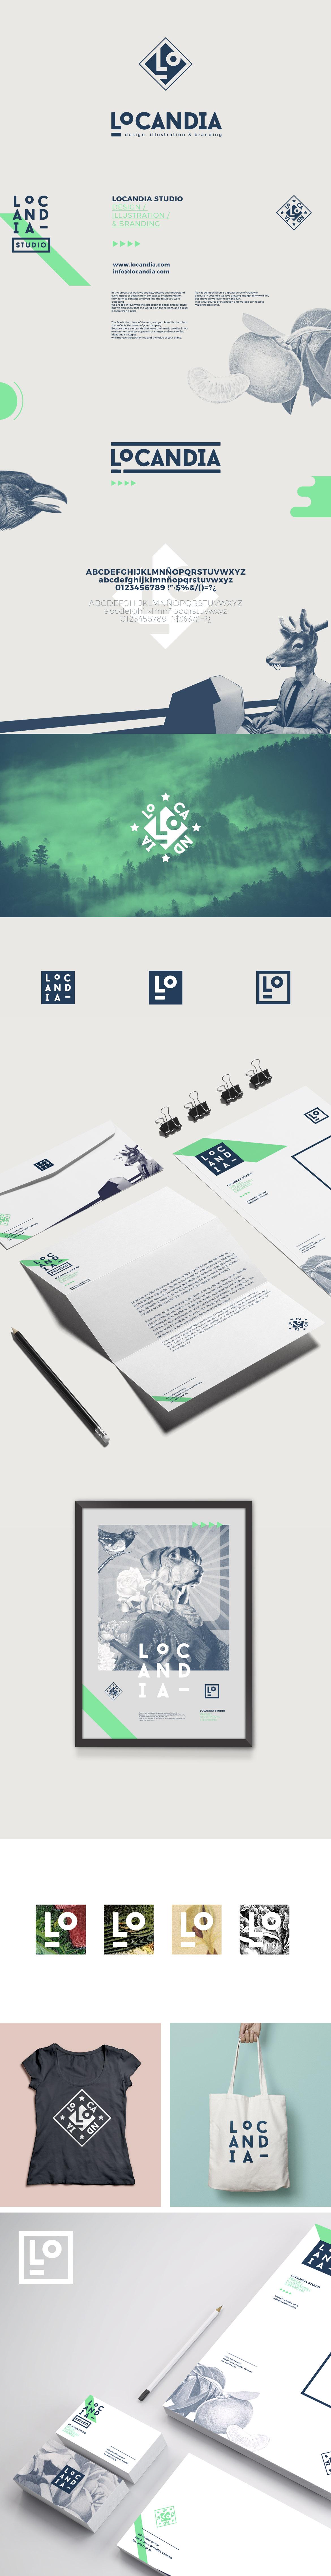 Locandia Estudio. Diseño, Ilustración y Branding. Identidad Corporativa